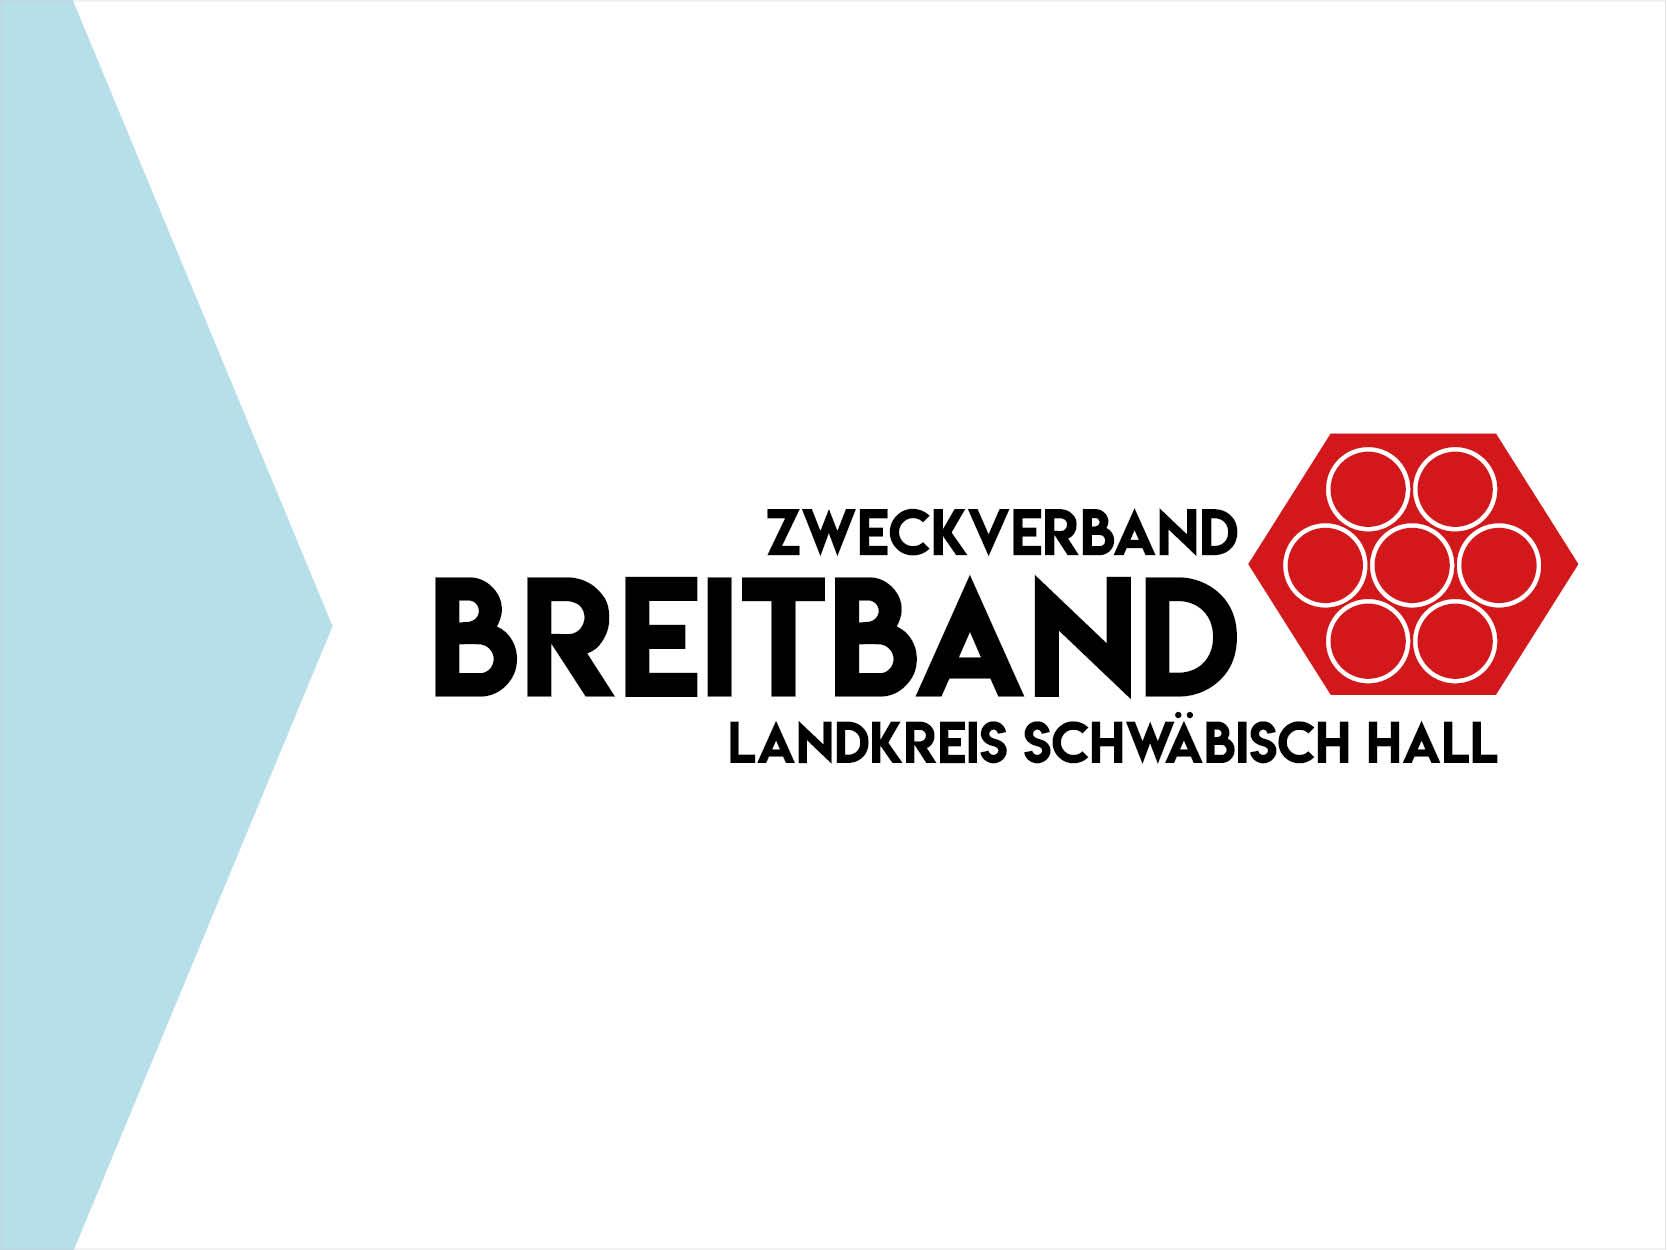 Logo Zweckverband Breitband Landkreis Schwäbisch Hall